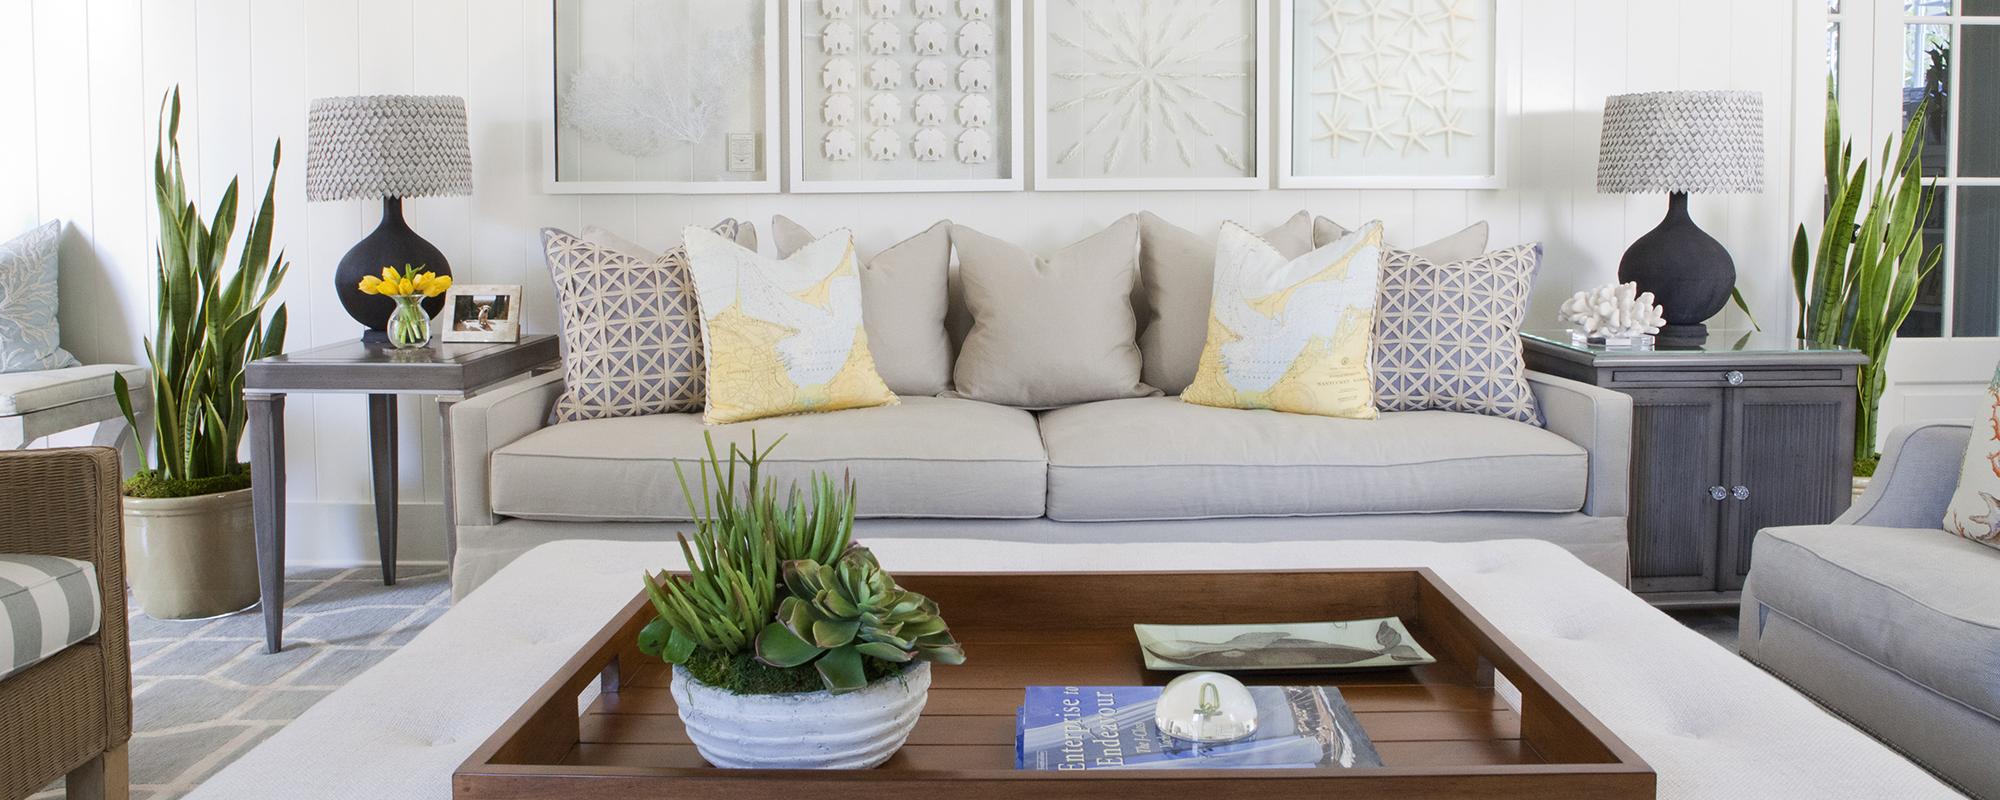 Bliss Home U0026 Design | Boutique Furniture In Corona Del Mar, CA | Design  Kollective